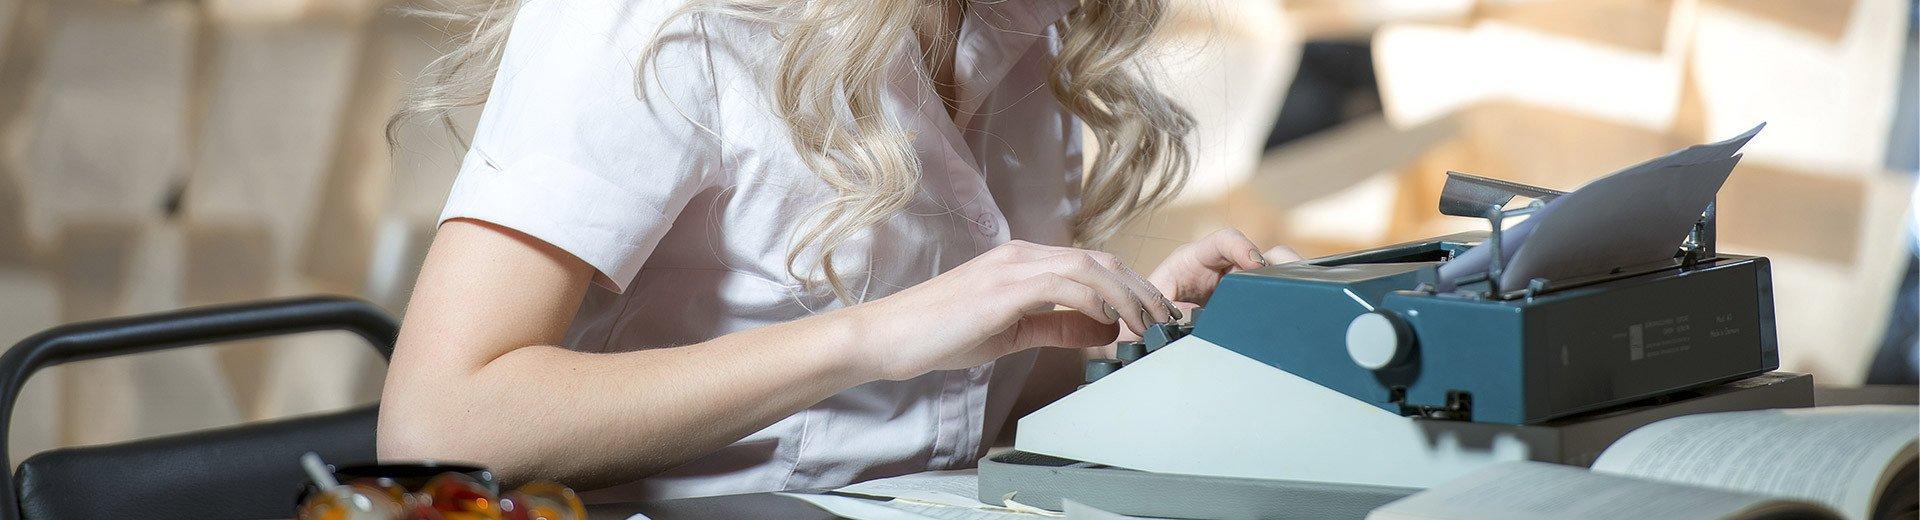 Okładka artykułu Jak pisać dobre teksty reklamowe? — 9 prostych zasad content marketingu